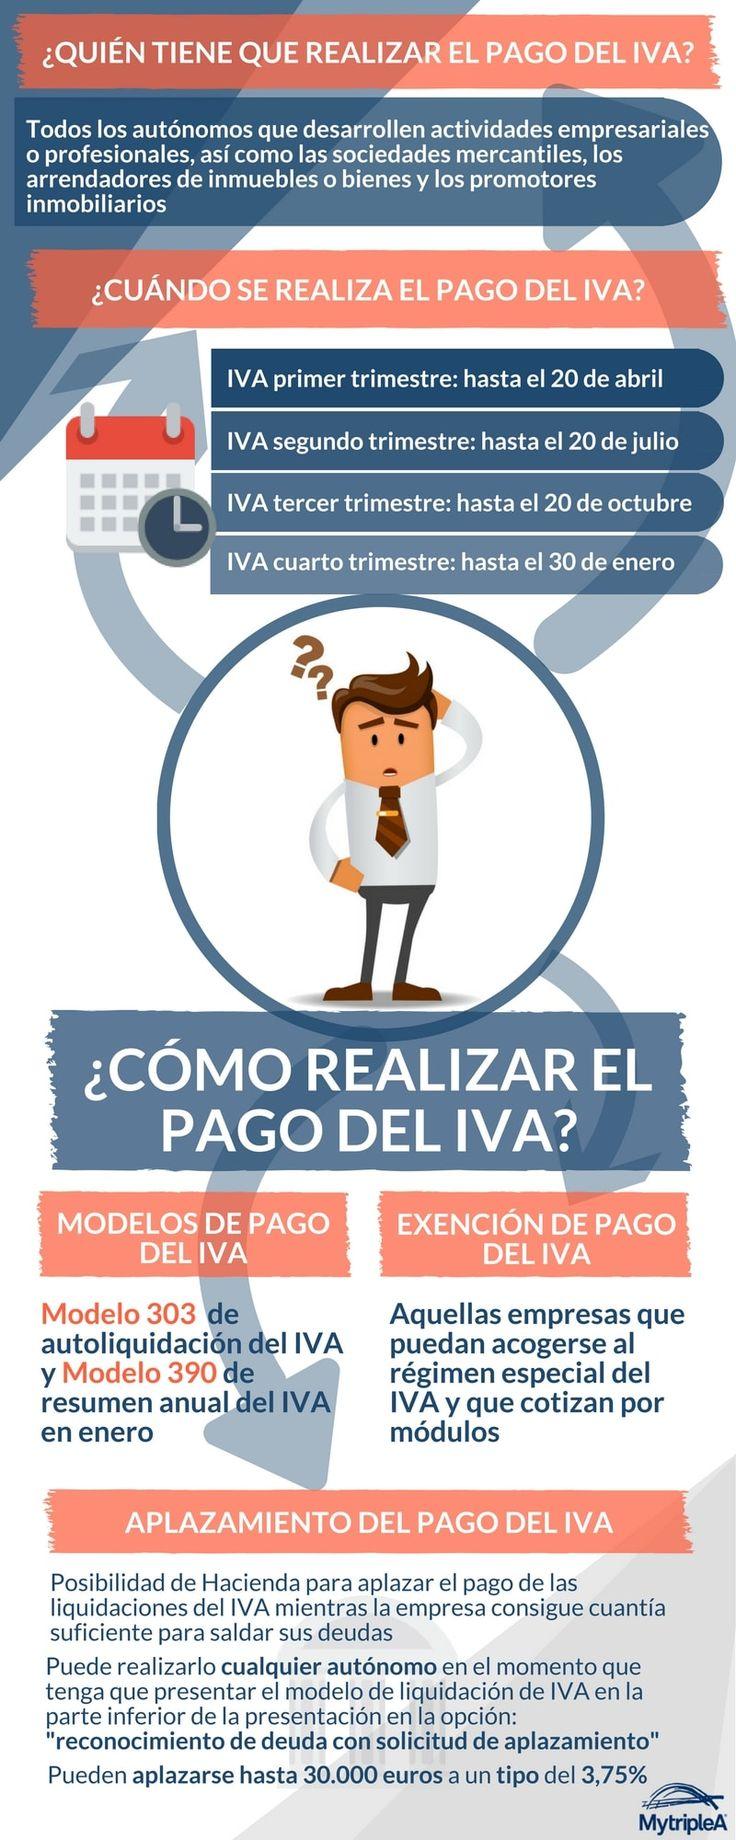 ¿Te gusta nuestra #infografía sobre el #pago del #IVA? ¿Quieres saber más? Lee nuestro post pinchando en la imagen.